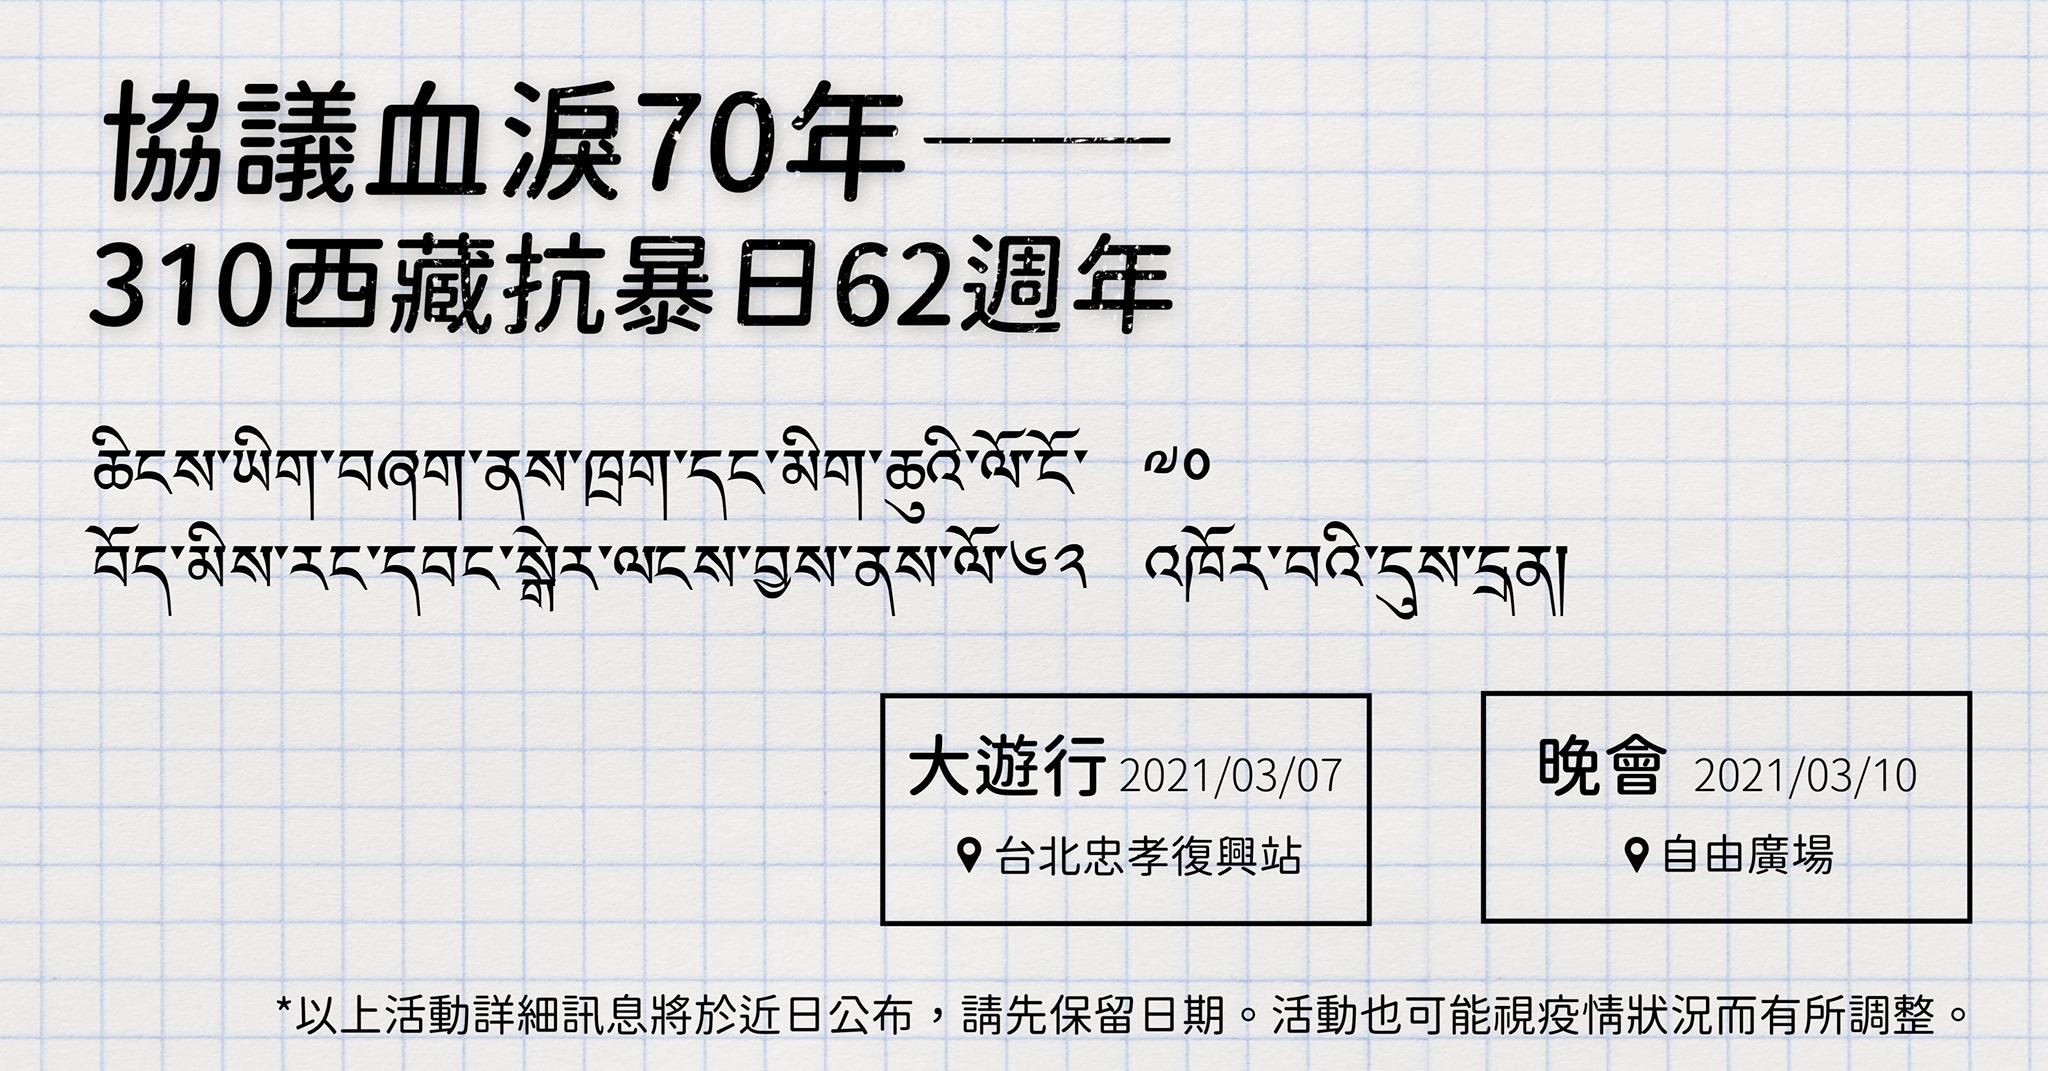 为西藏抗暴日暖身:台湾人权团体举办多场西藏议题讲座